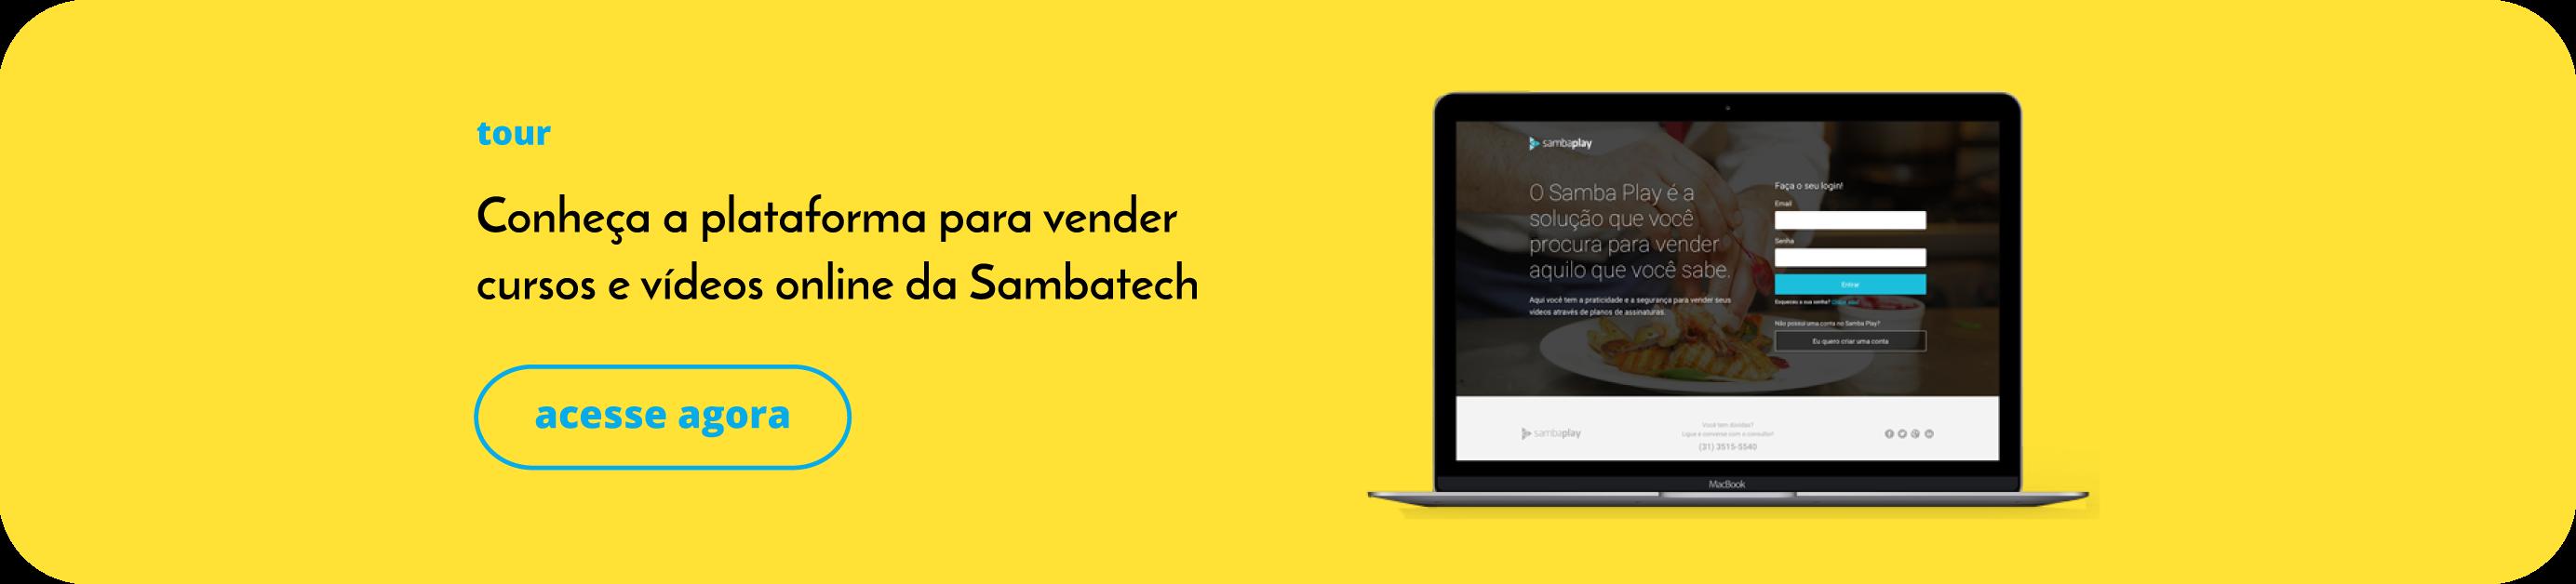 Tour - Samba Play - Sambatech